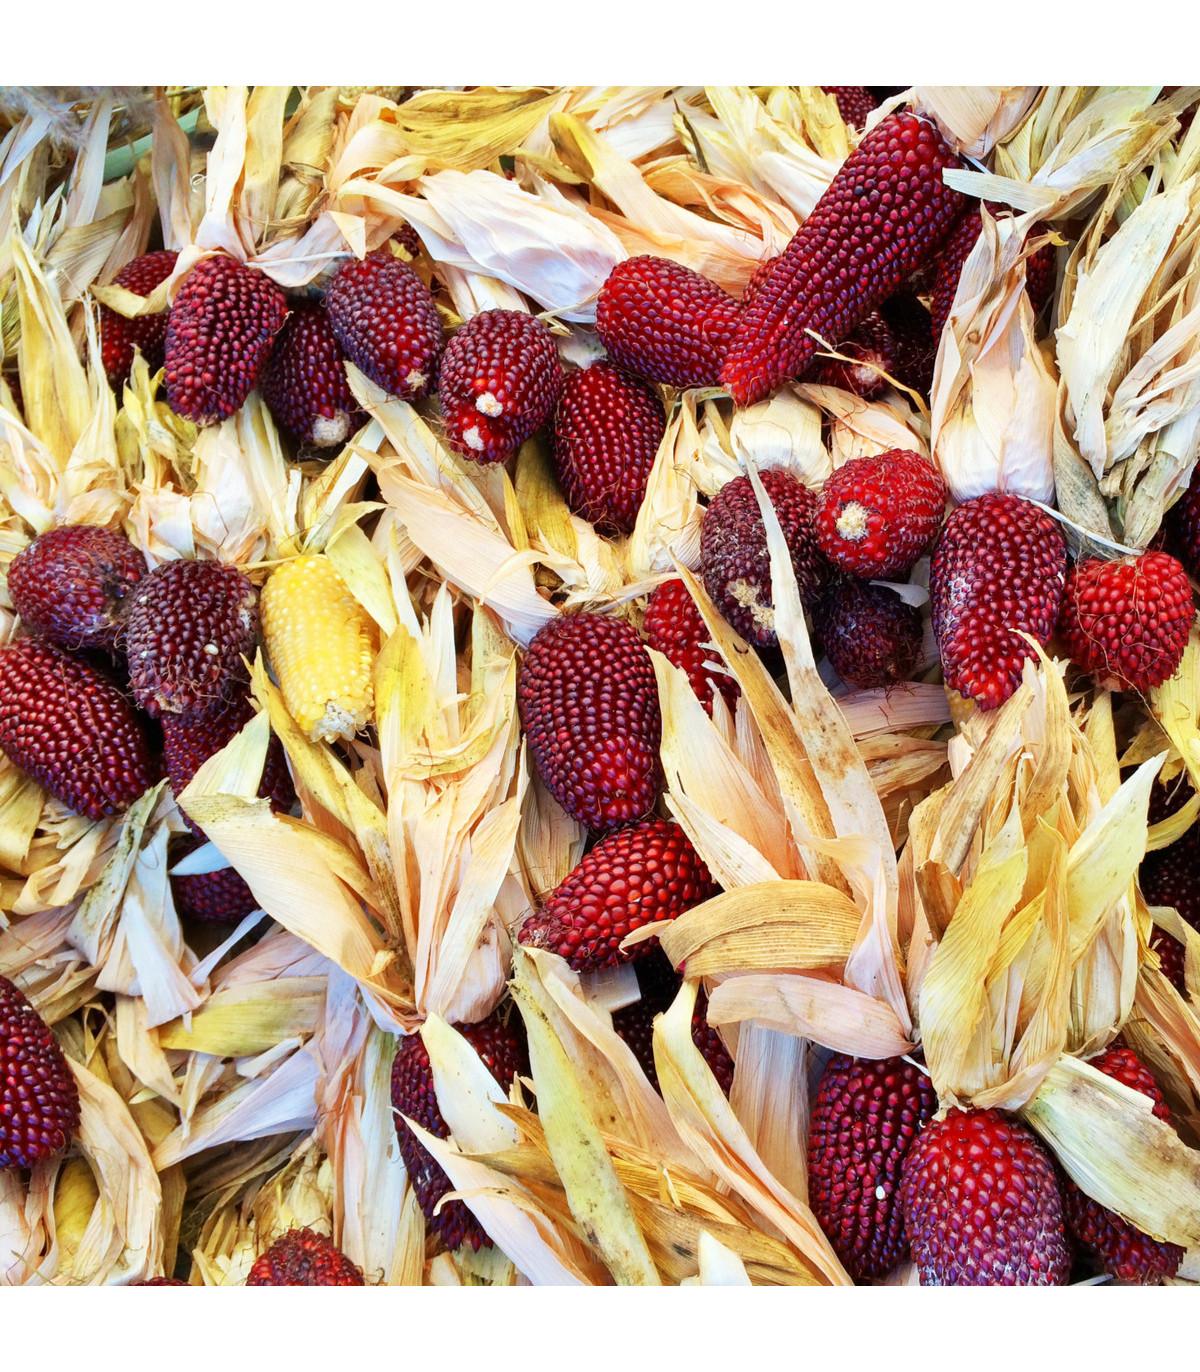 Kukuřice jahodová - Zea mays multicolor - osivo kukuřice - 20 ks